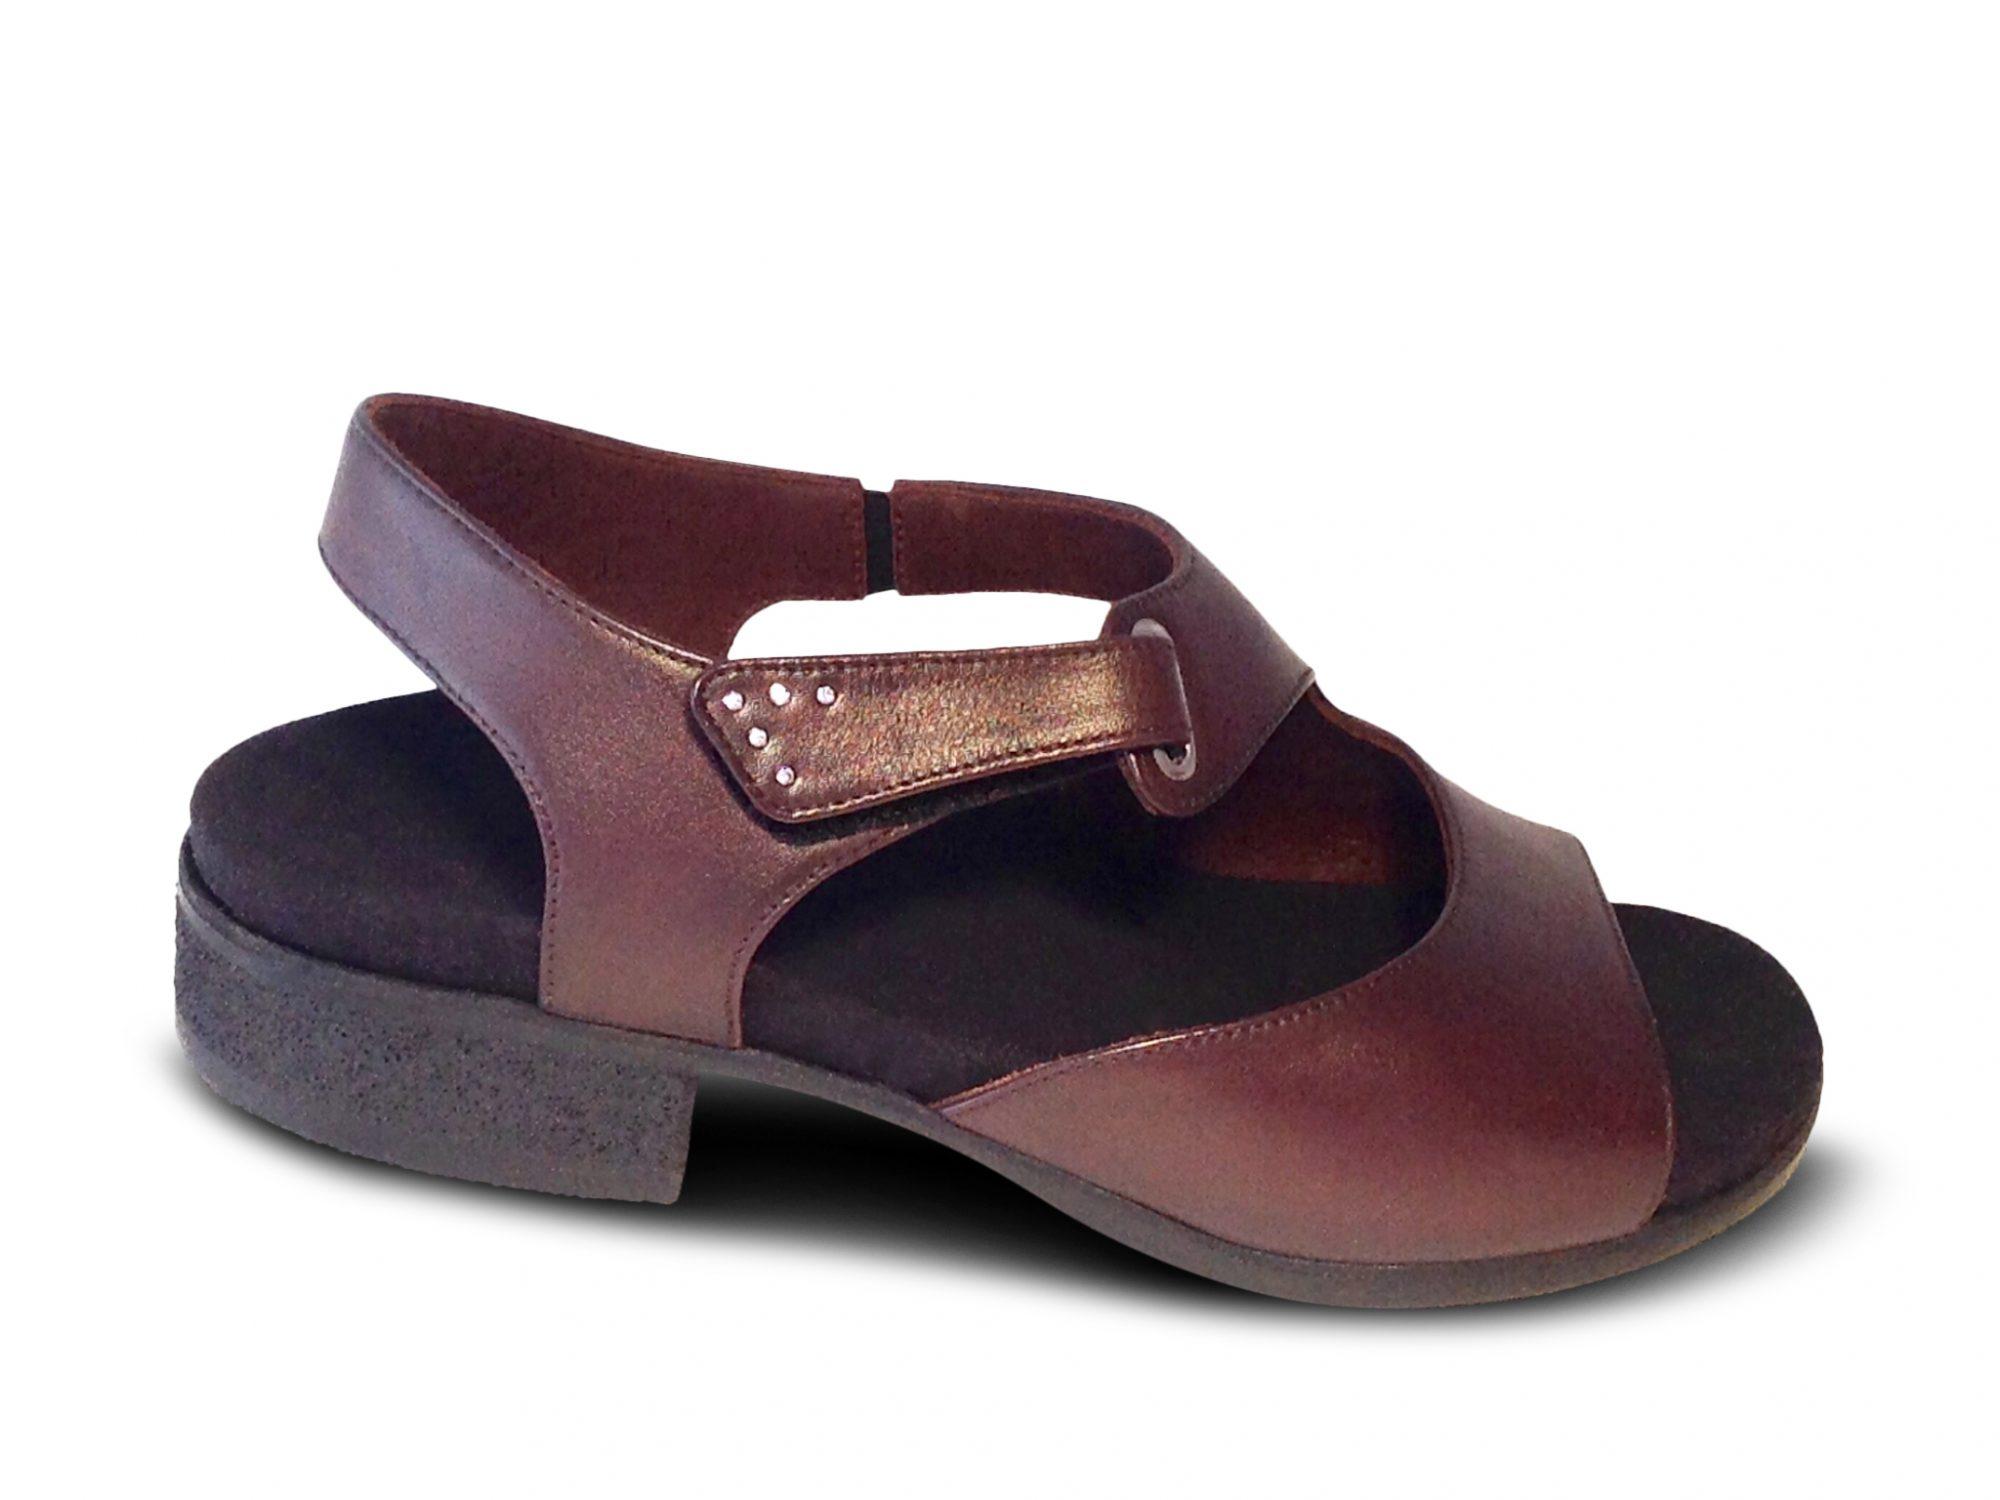 Sandalen mit Fußbett und Klettverschluß